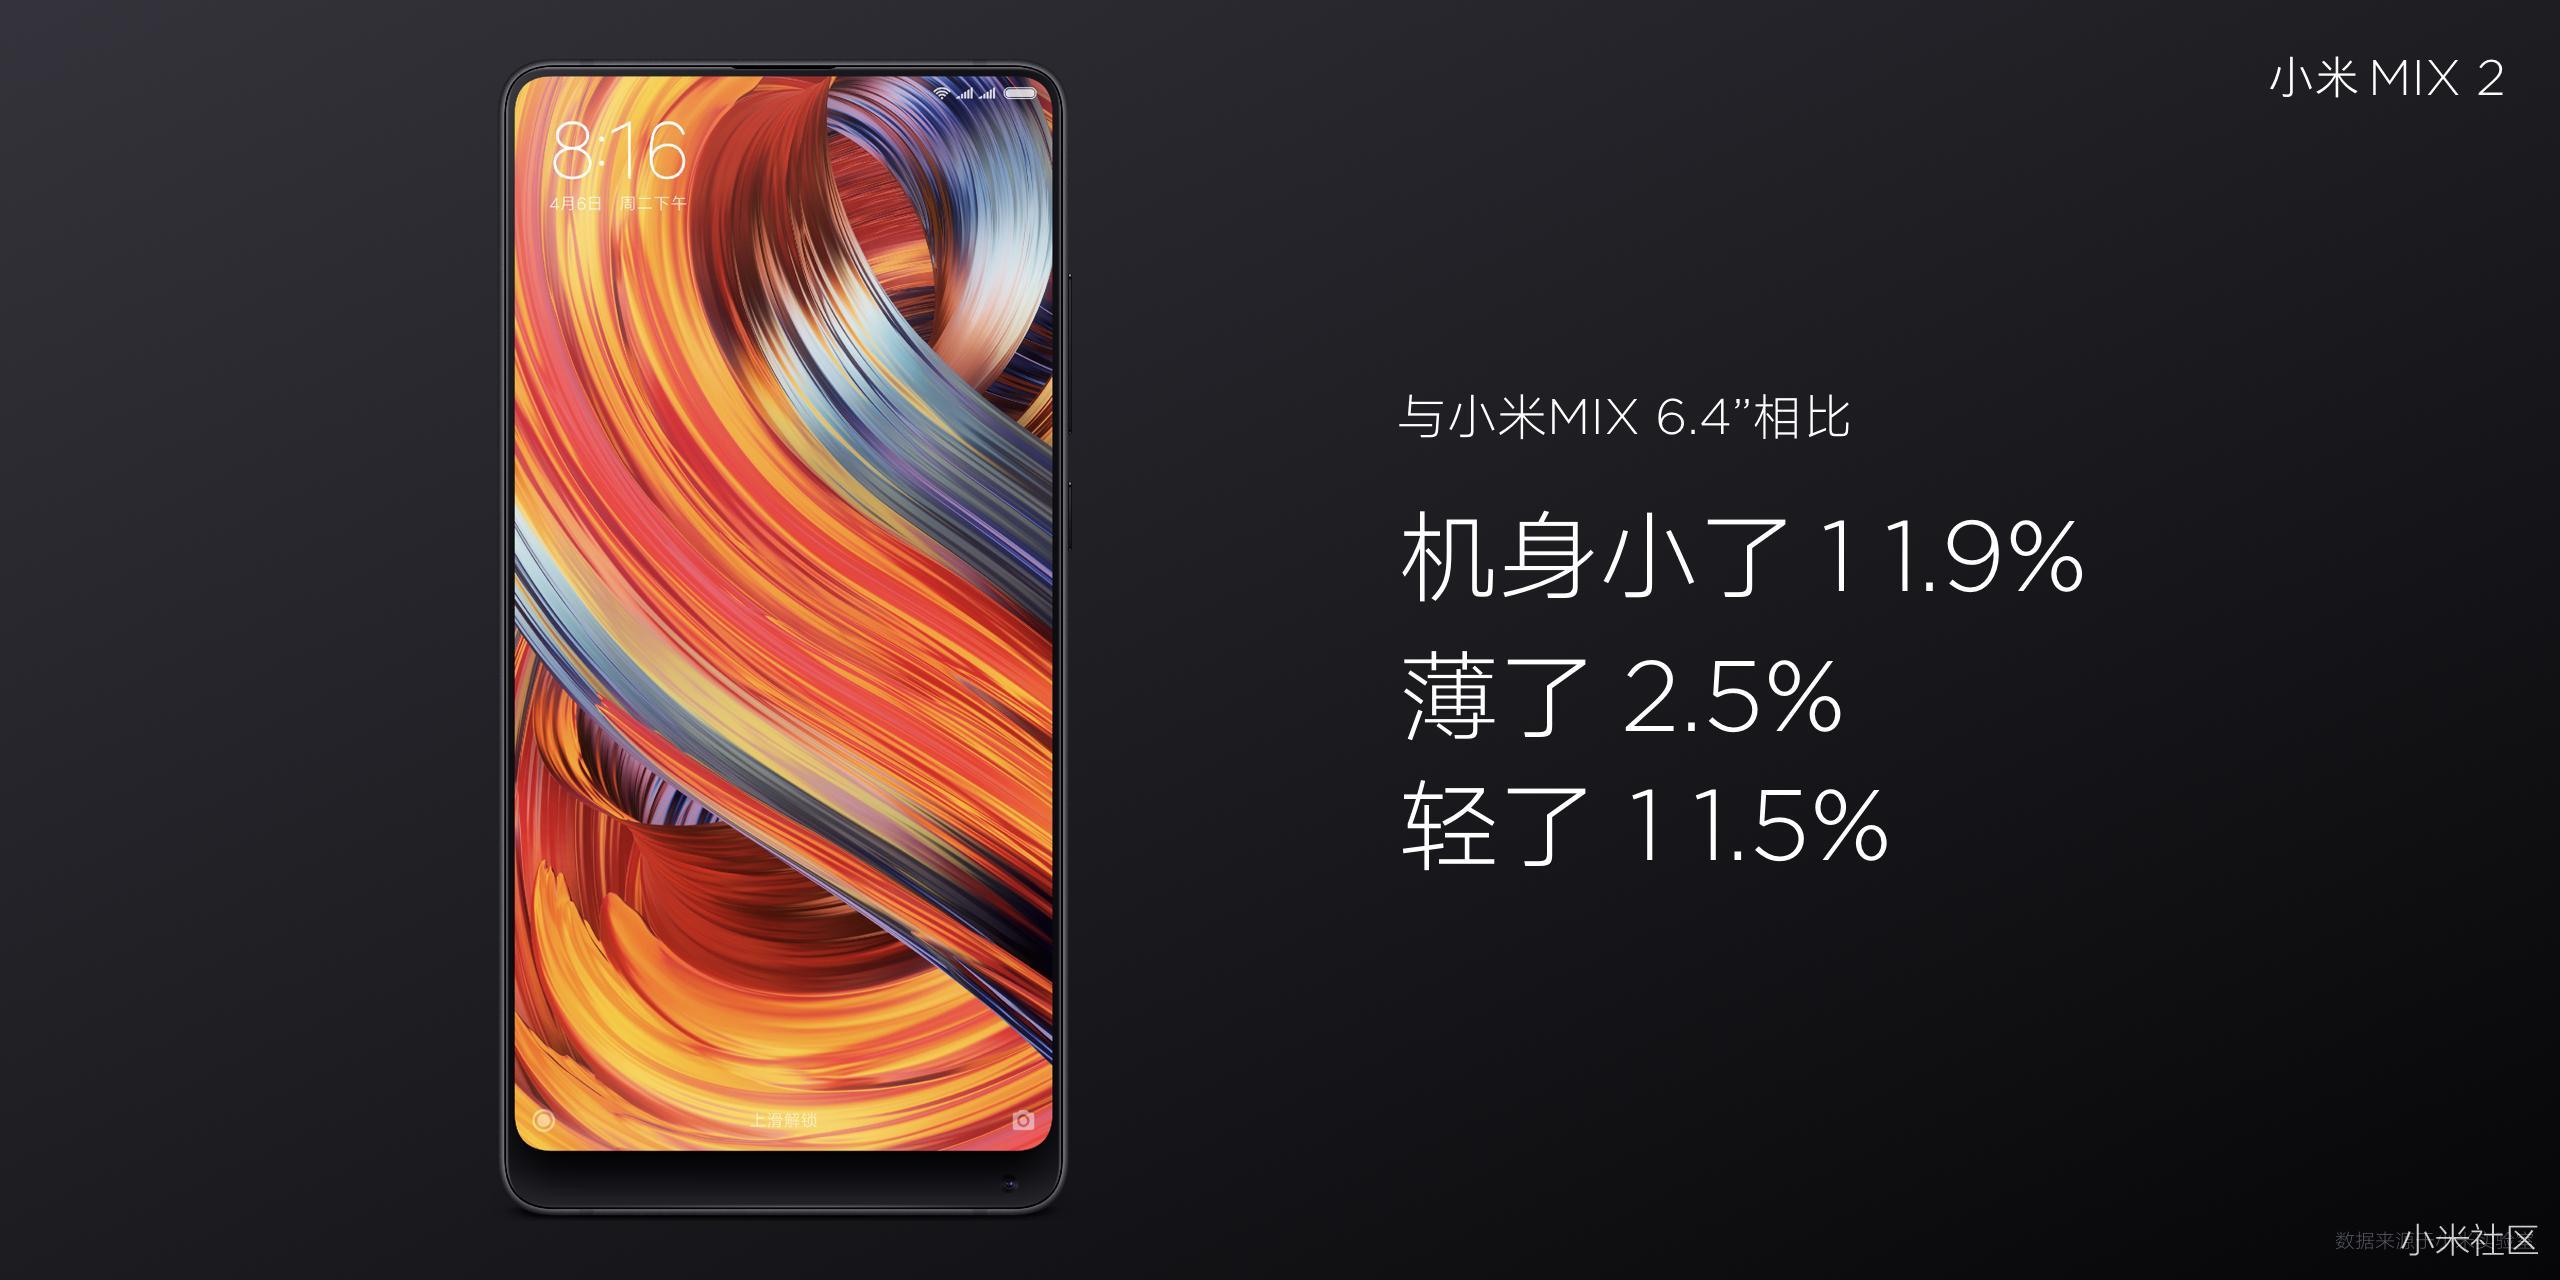 Xiaomi Mi MIX 2 cuerpo